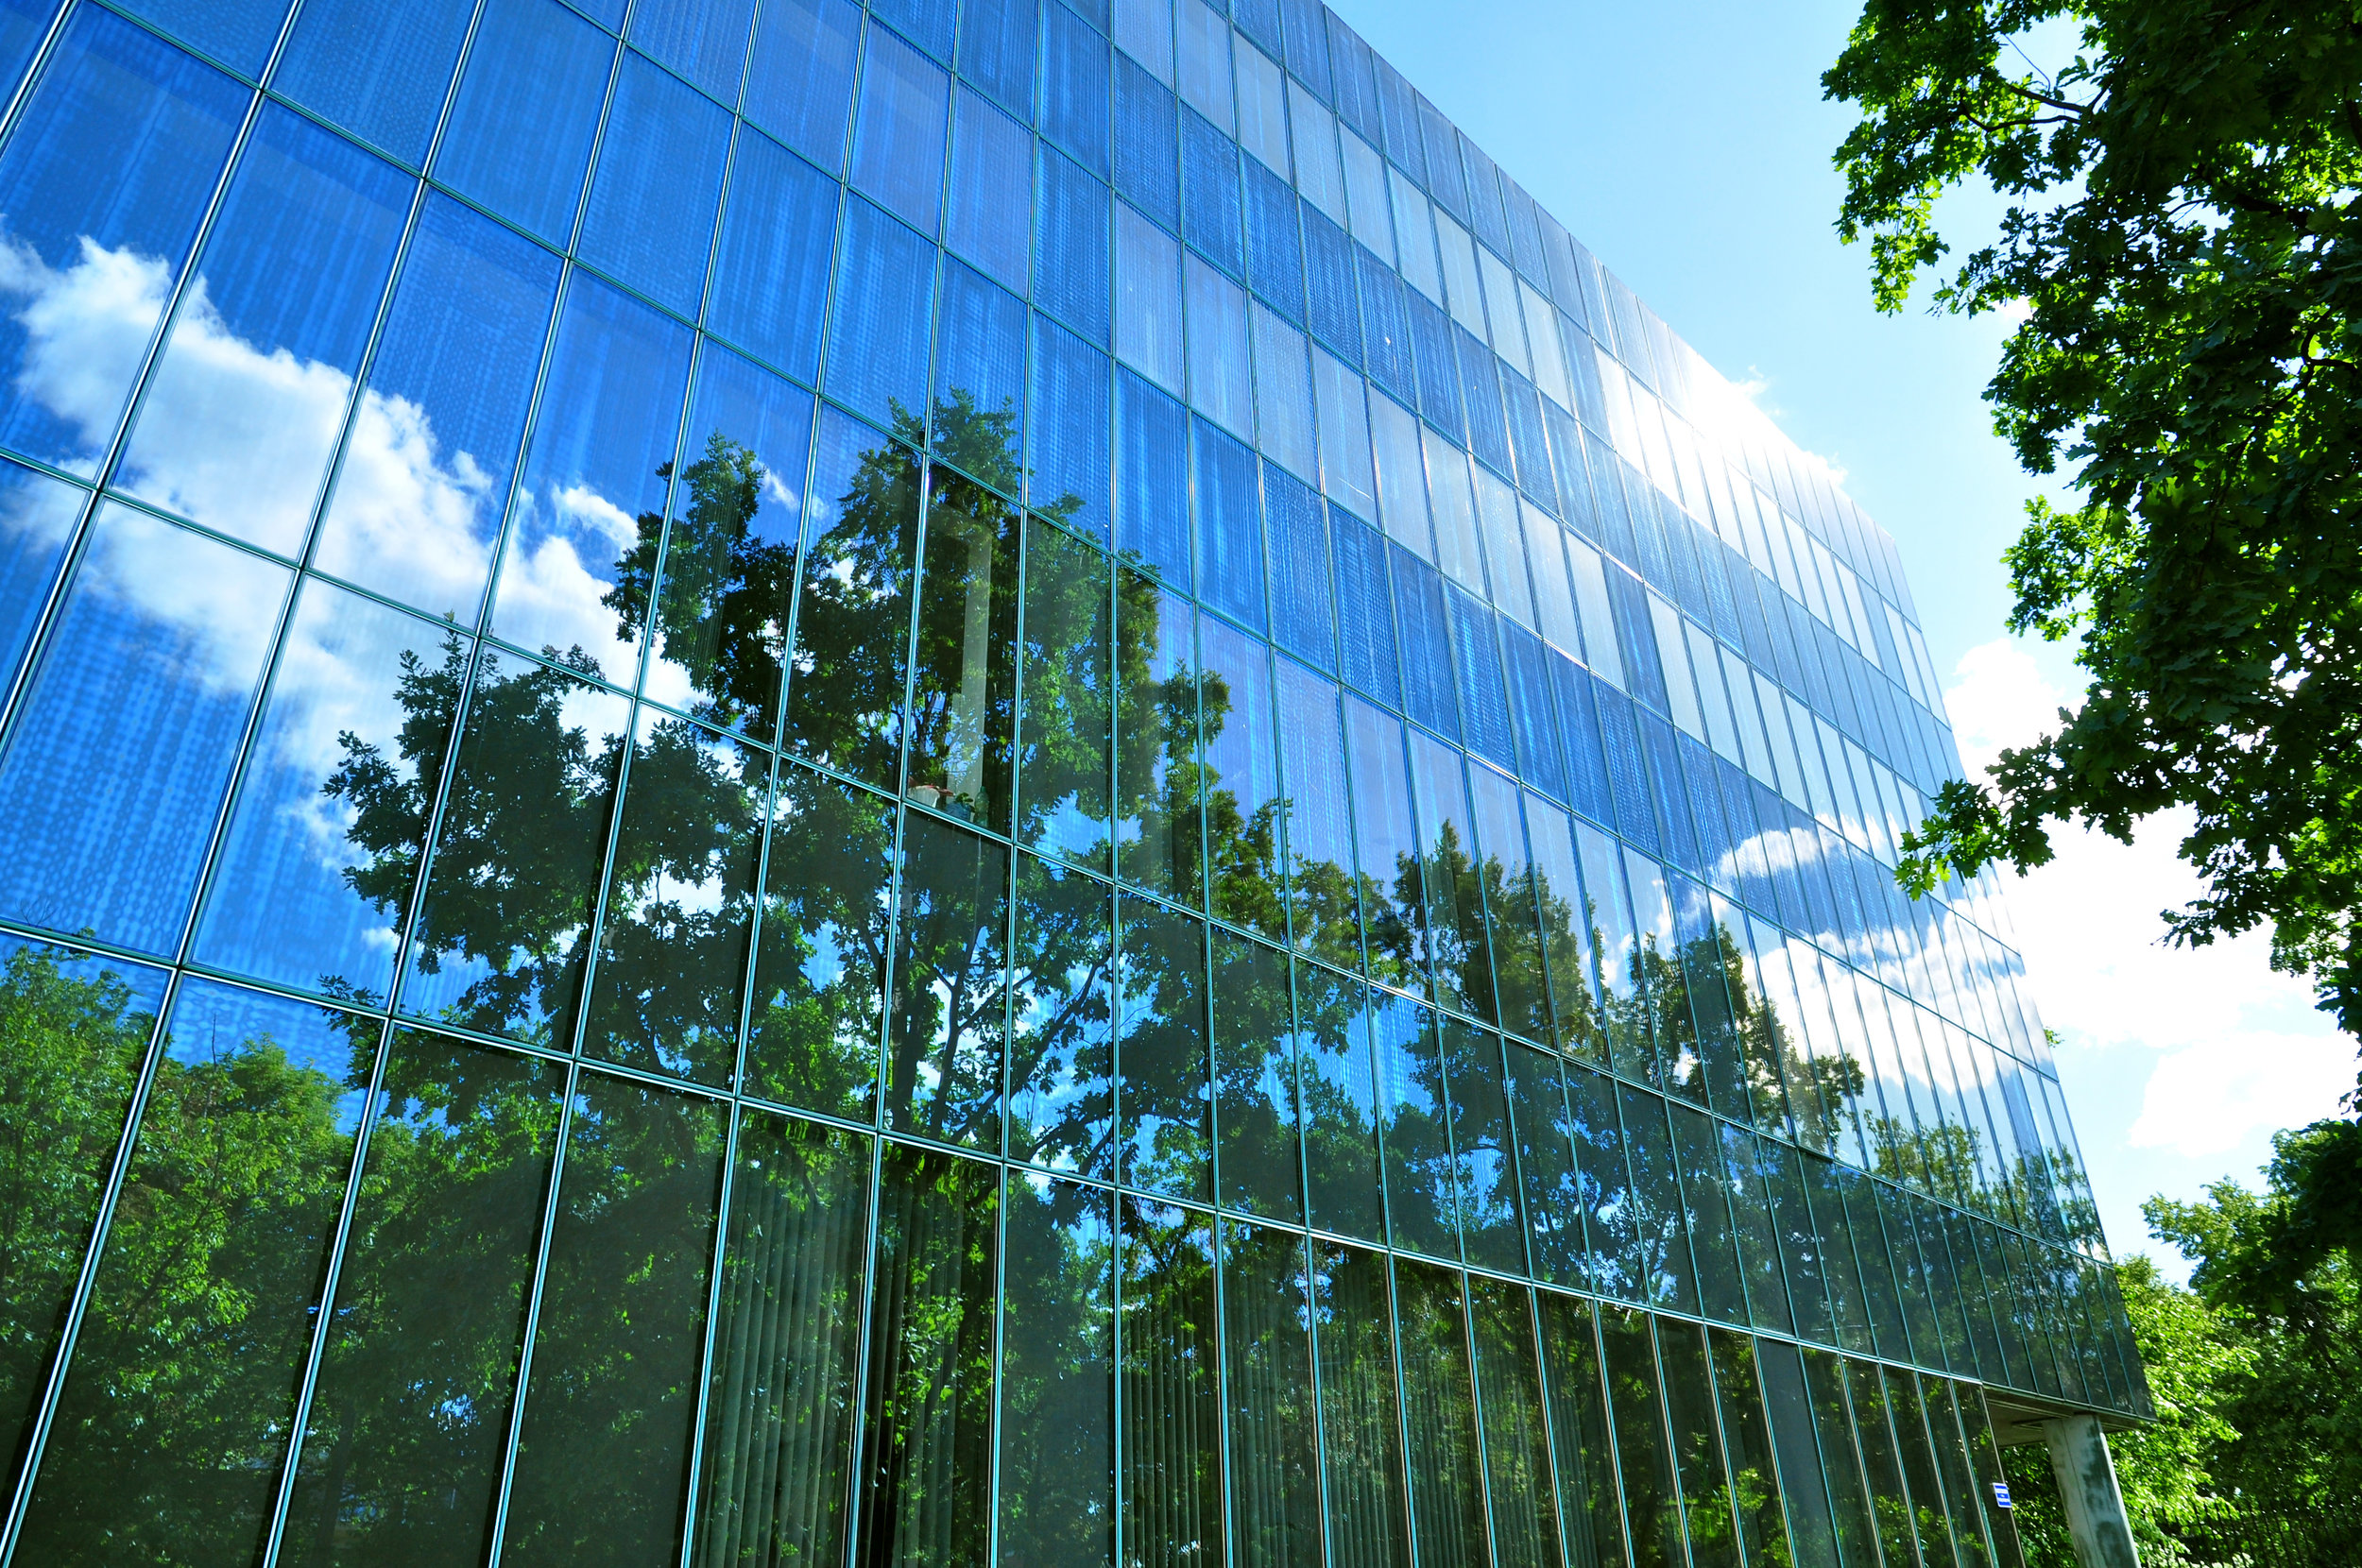 Building Trees 118611886.jpg